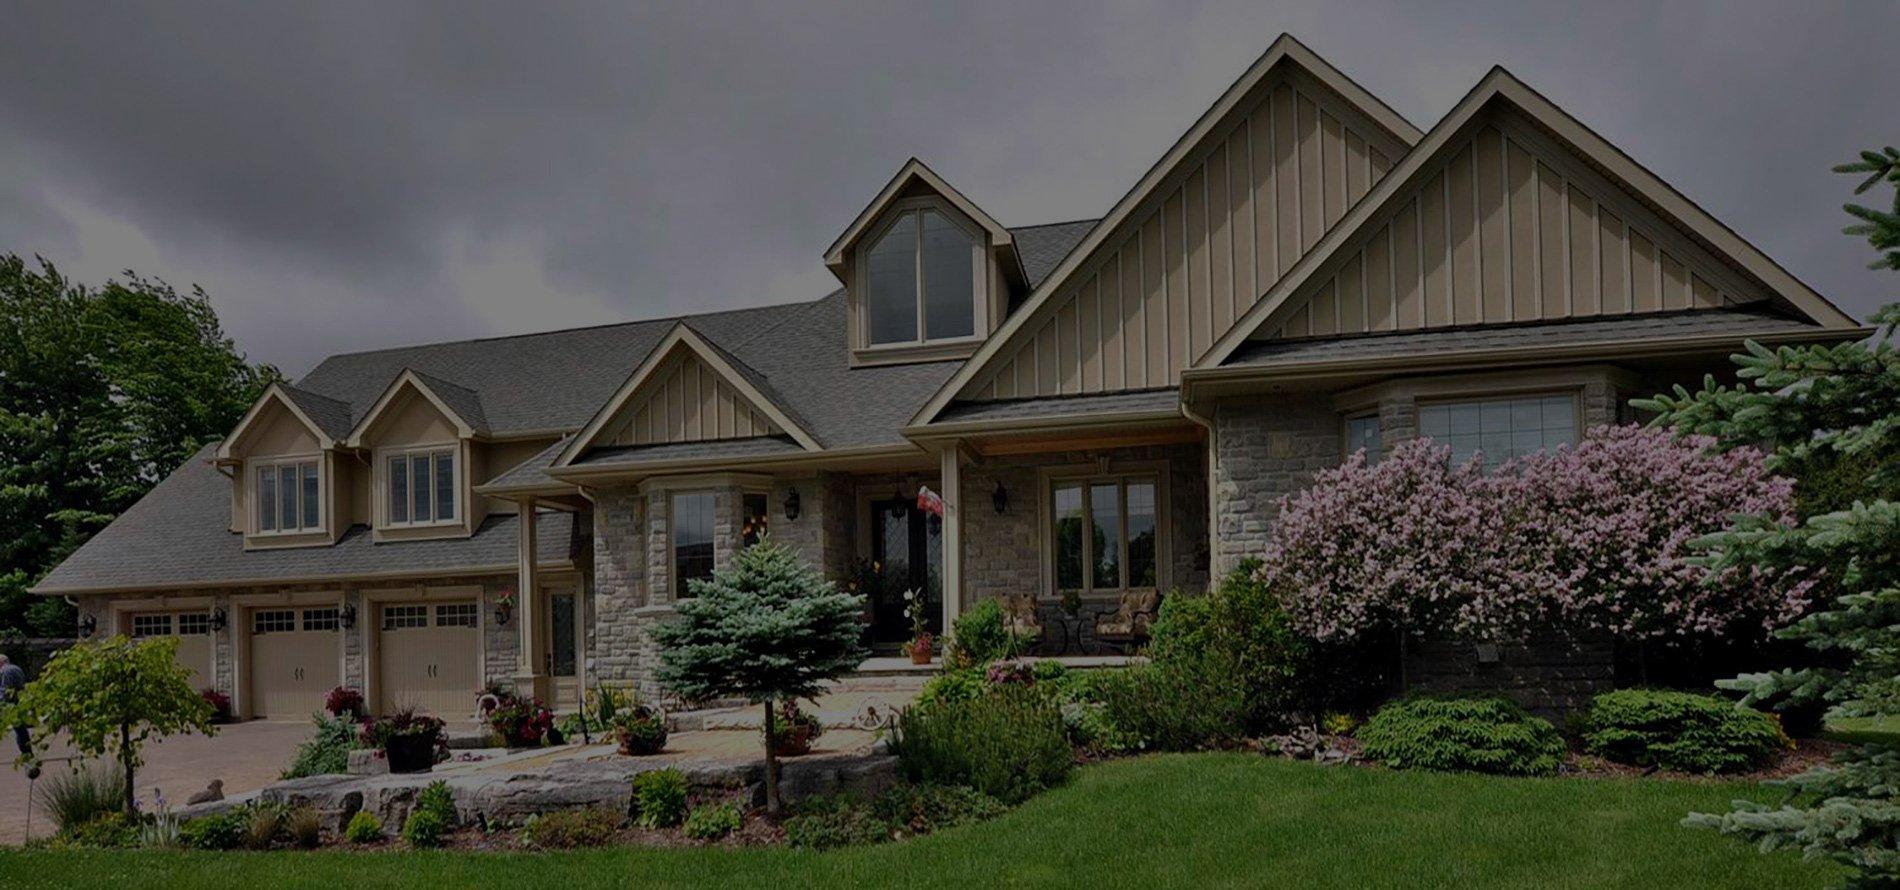 Custom Home Richmondhill Riverstone Hmp O